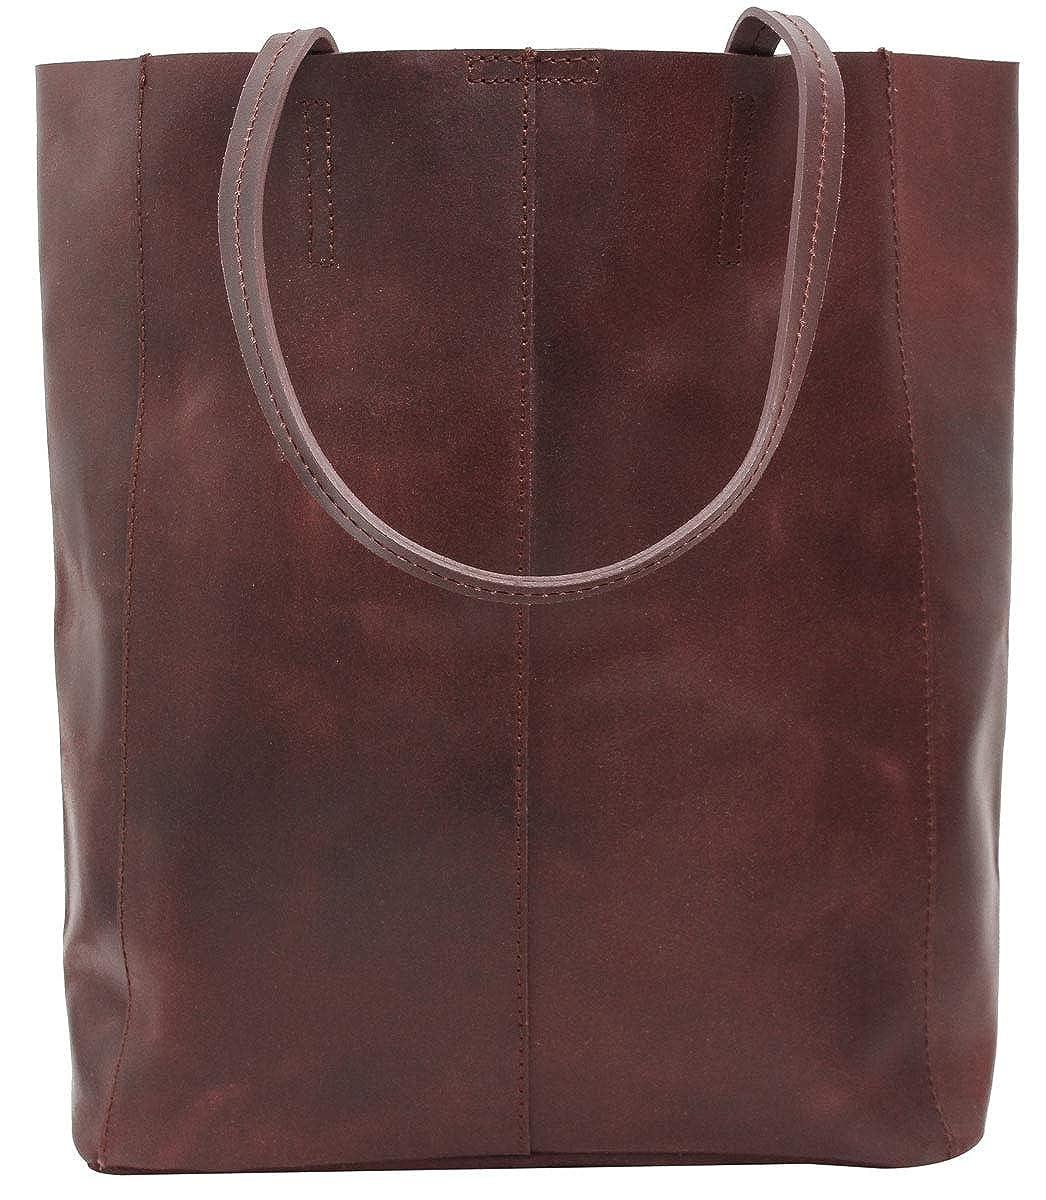 Gusti Leder studio Cassidy sac de shopping sac en cuir sac pour femmes sac pour loisirs sac pour l/école sac /à main cuir de vachette rouge bordeaux 2H51-33-9